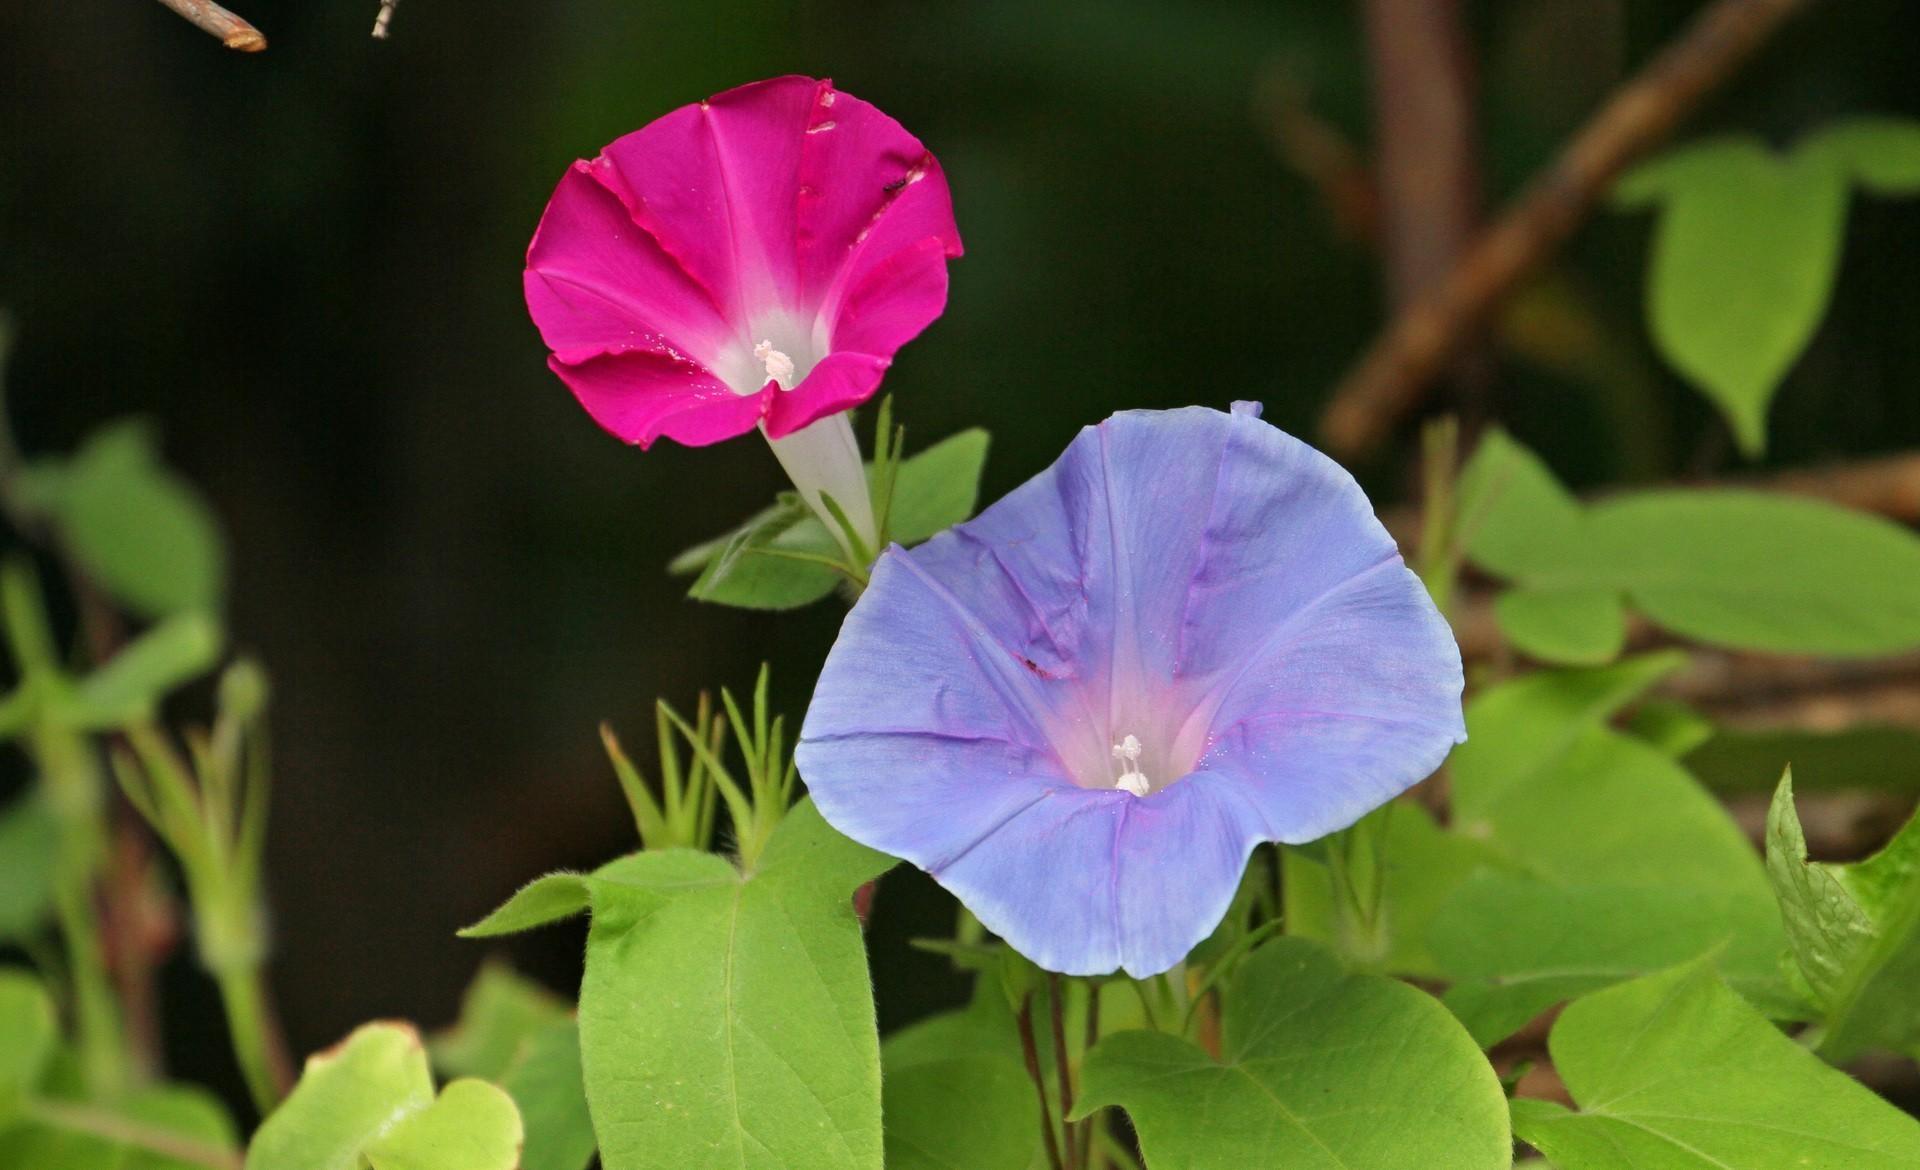 116173 Hintergrundbild herunterladen Blumen, Bindweed, Nahaufnahme, Grüne, Grünen, Nahansicht, Winde, Ipme - Bildschirmschoner und Bilder kostenlos